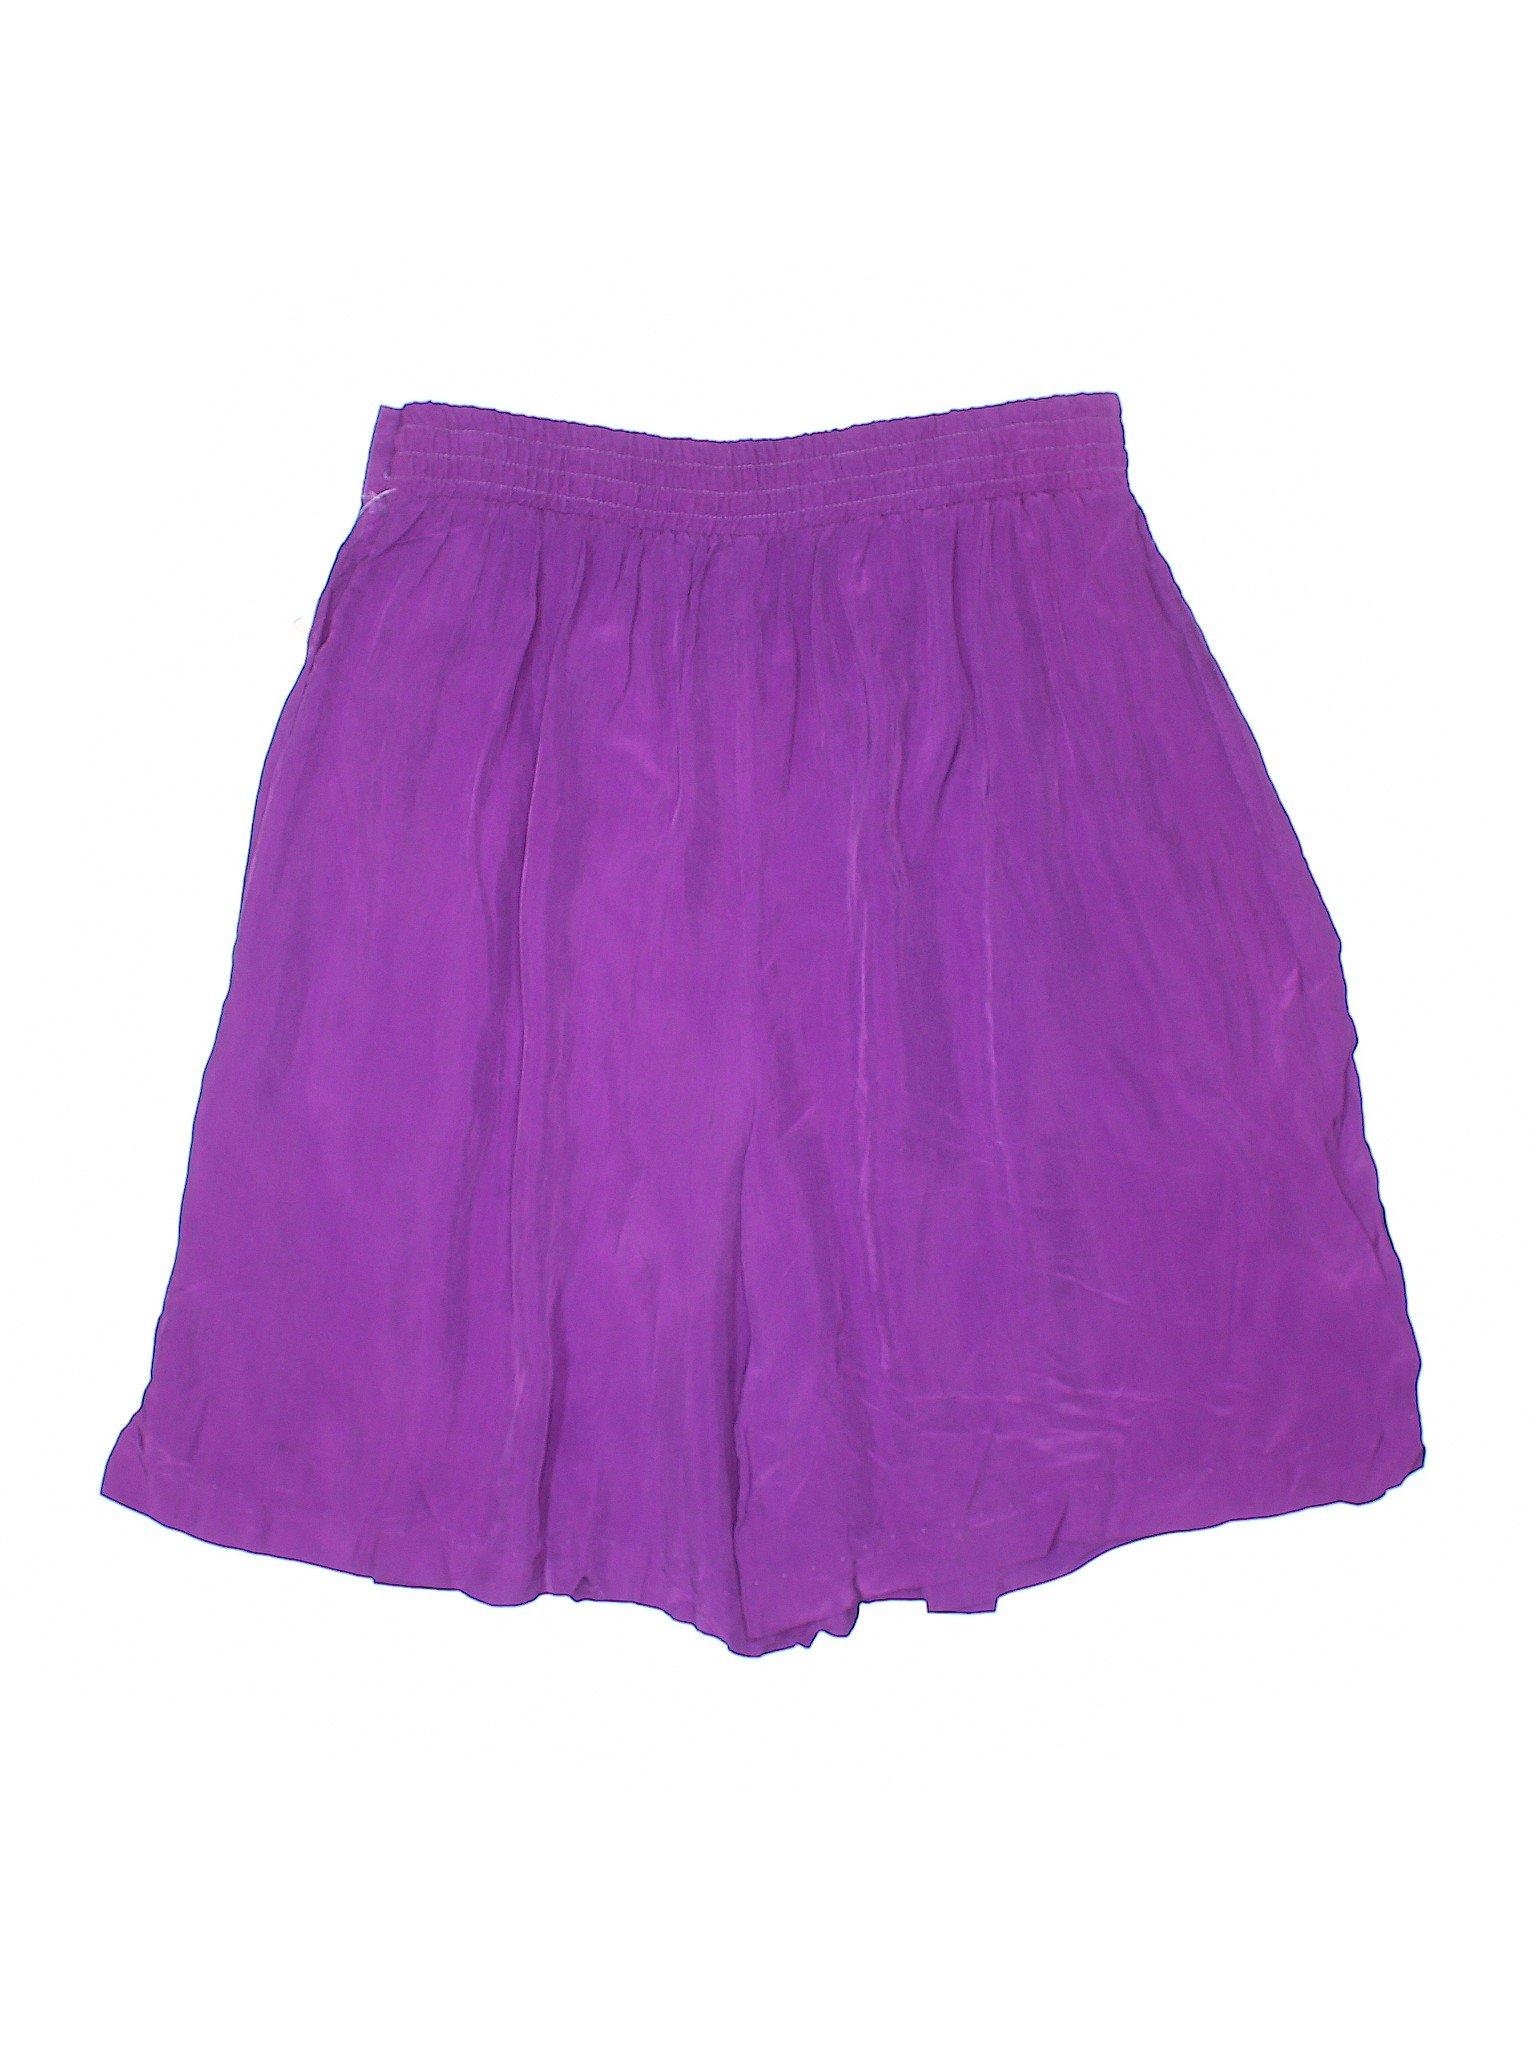 F Boutique A F K K A Boutique Shorts 5xnqTvP